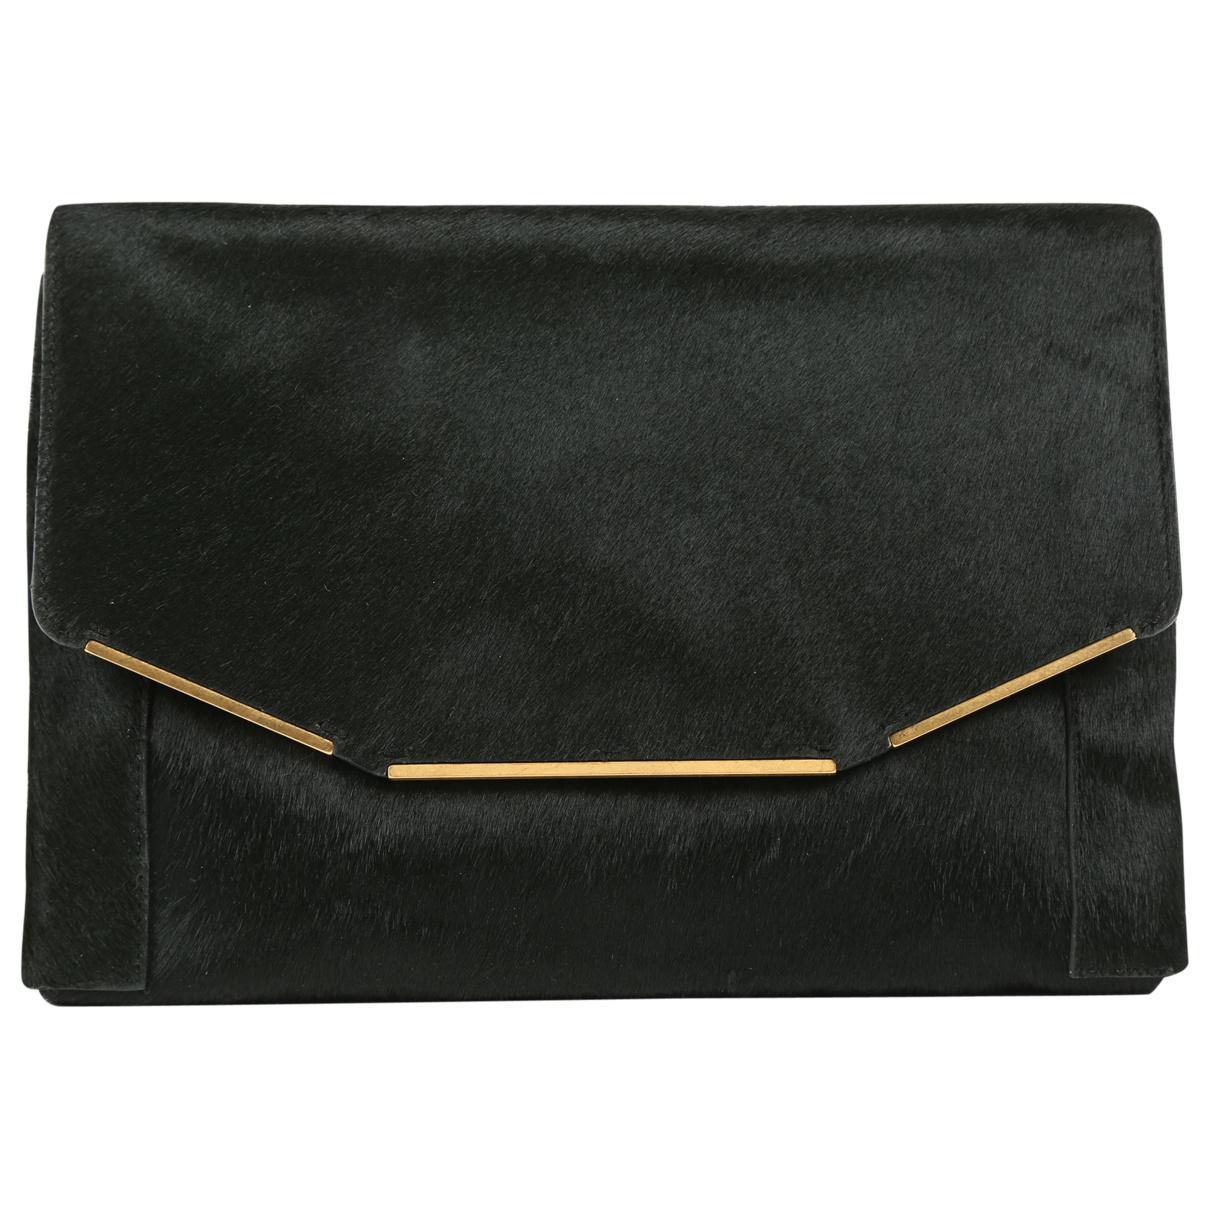 Giuseppe Zanotti Pre-owned - Pony-style calfskin clutch bag EysKDLSCV